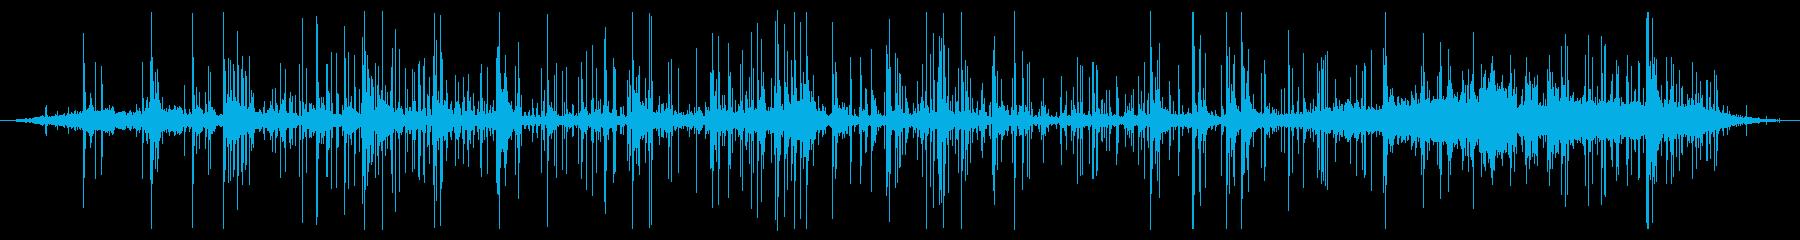 花火:コンスタントバーニングクラックルの再生済みの波形